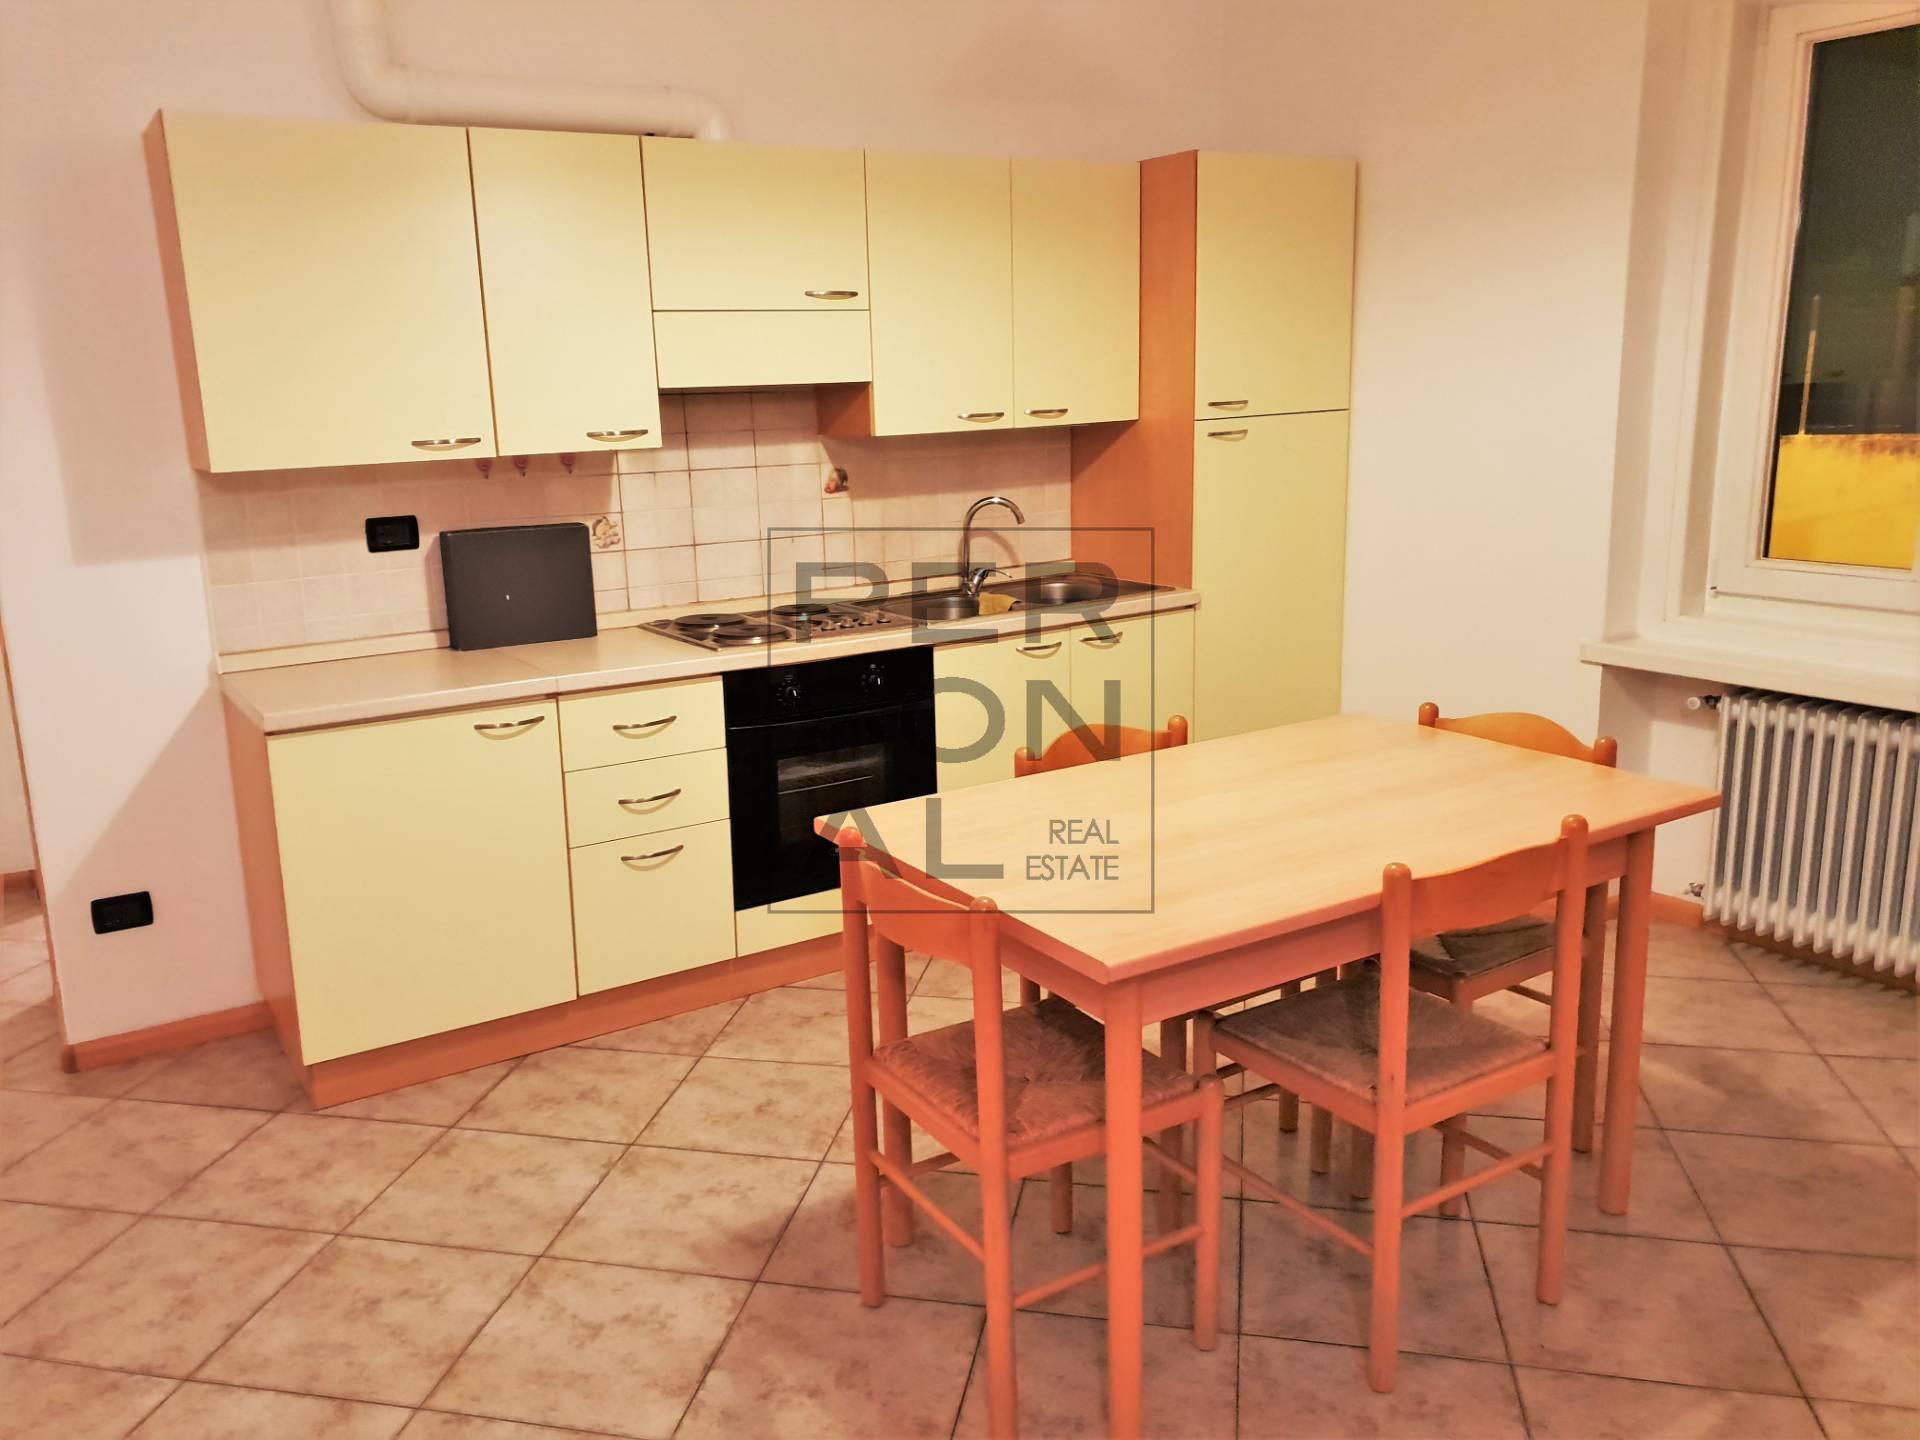 Appartamento in affitto a Laives, 3 locali, prezzo € 780 | CambioCasa.it